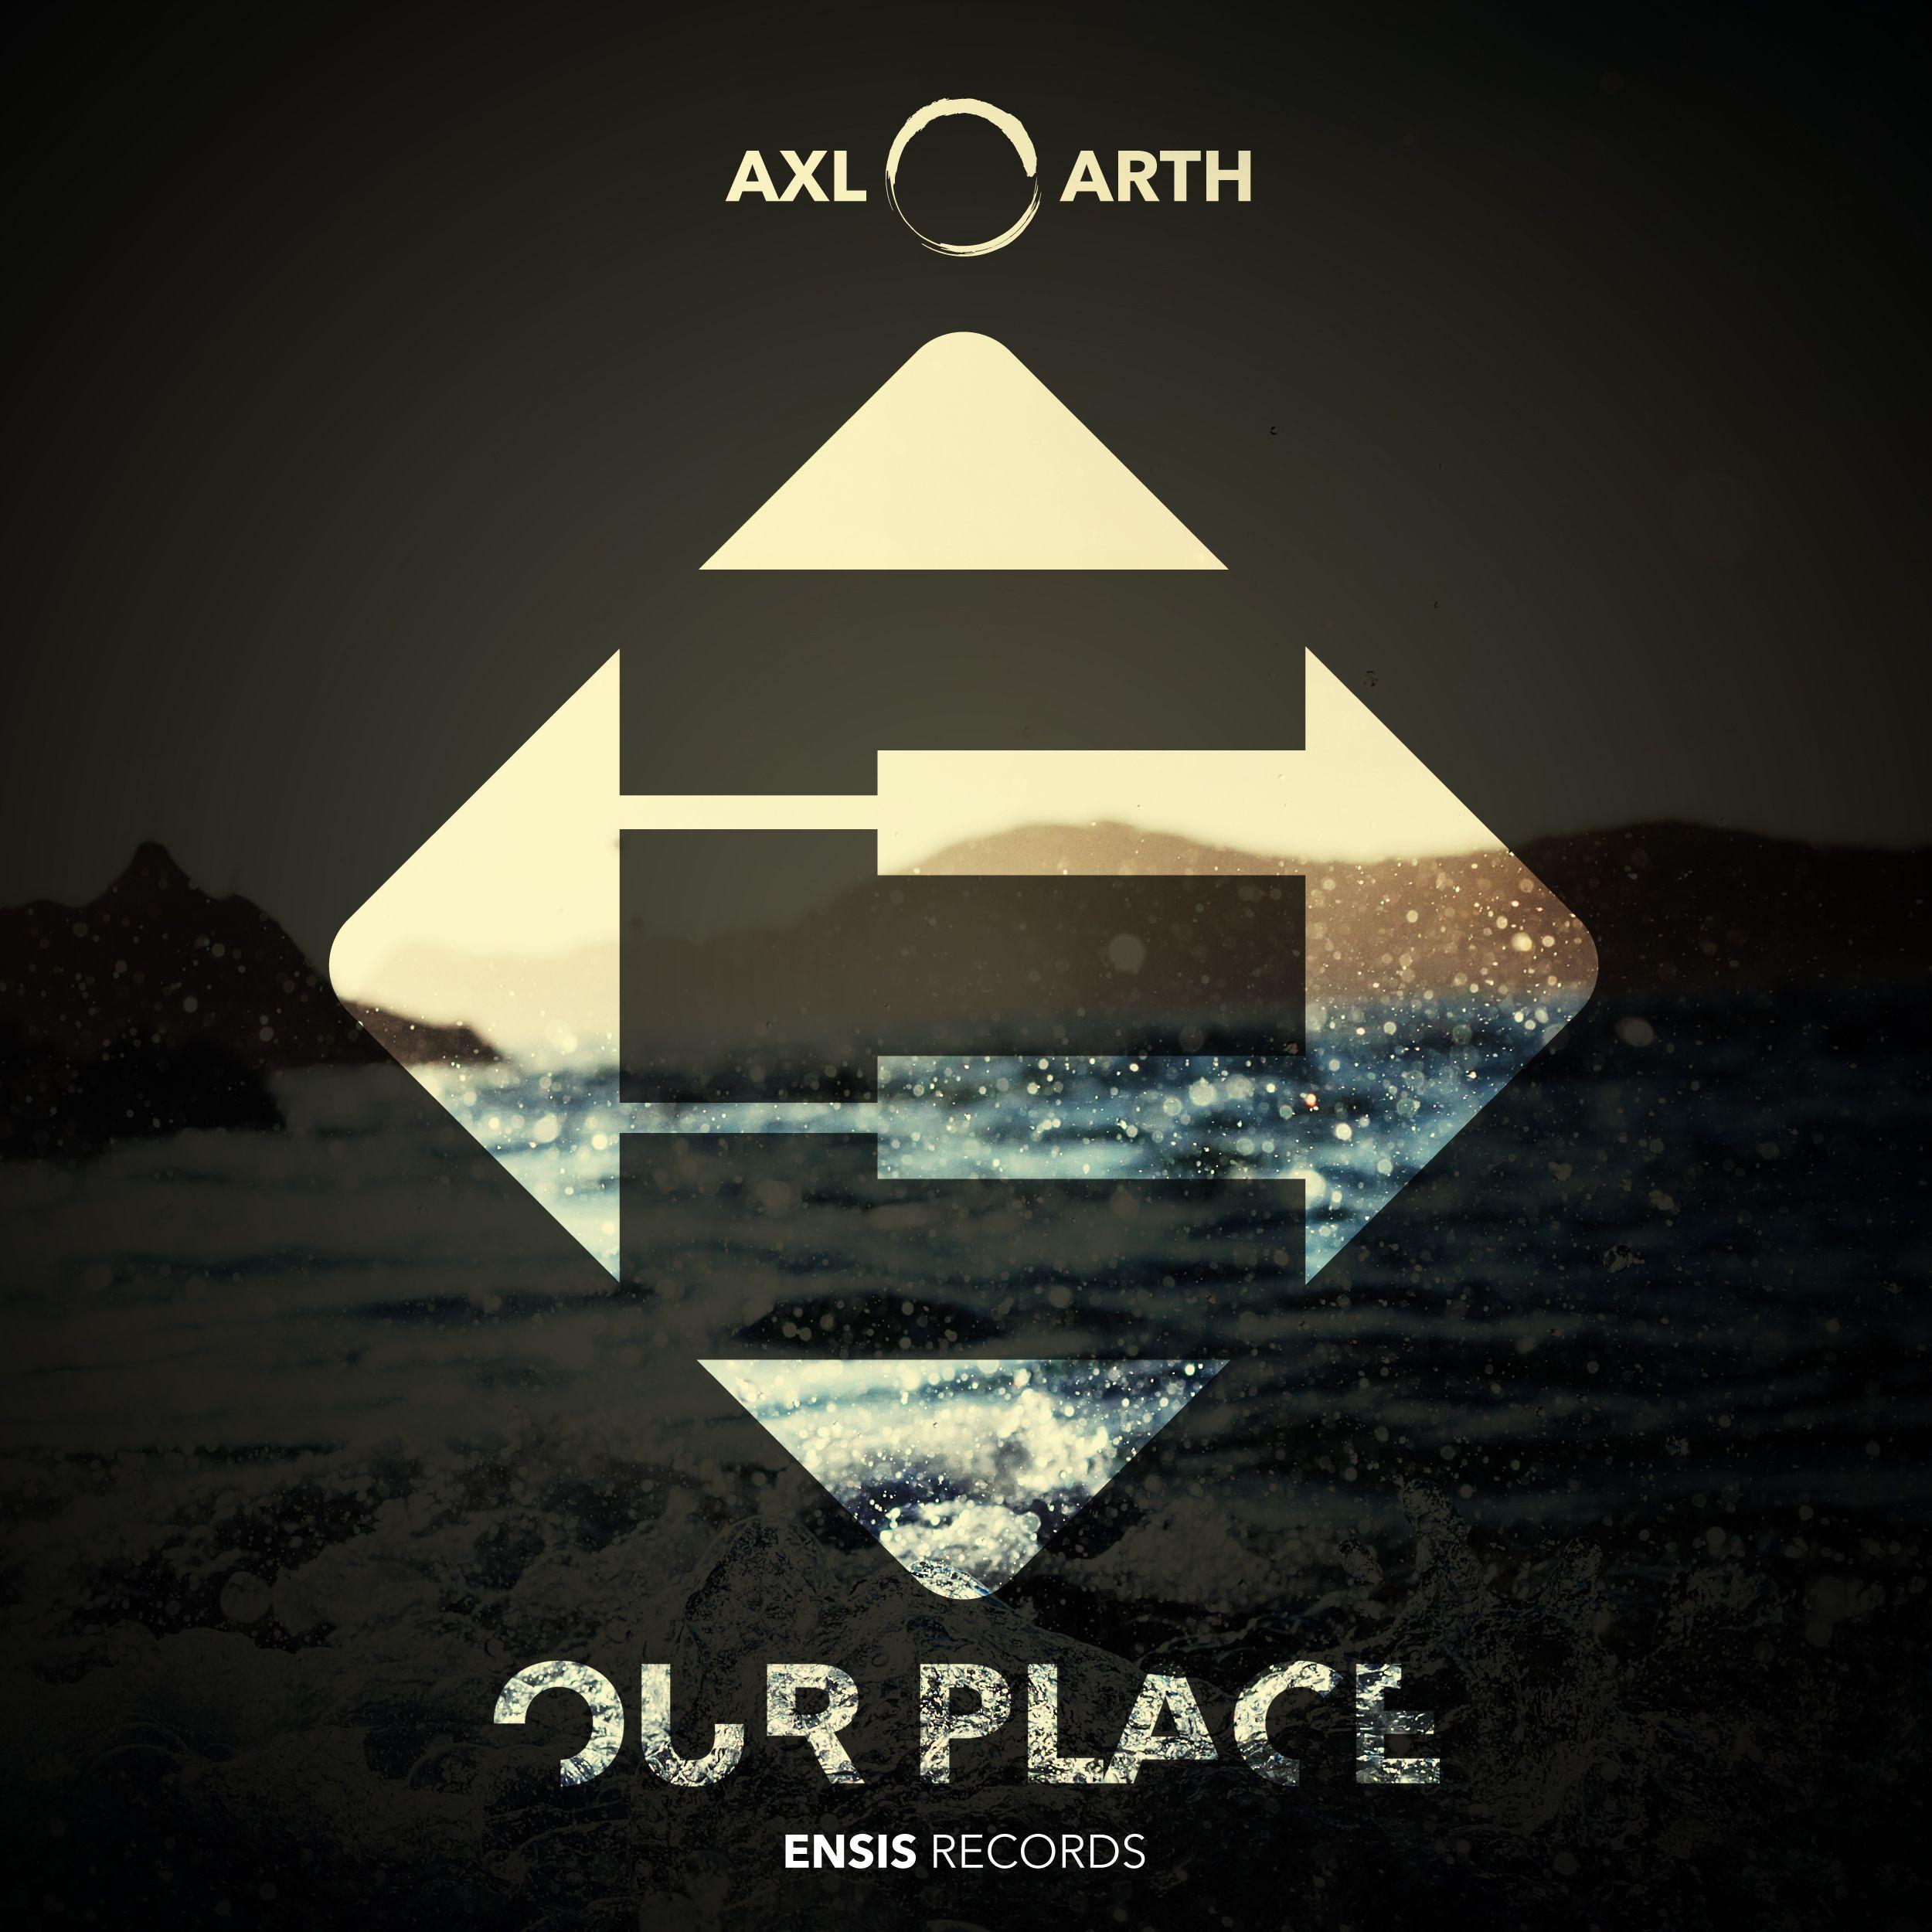 axl_arth_-_our_place.jpg